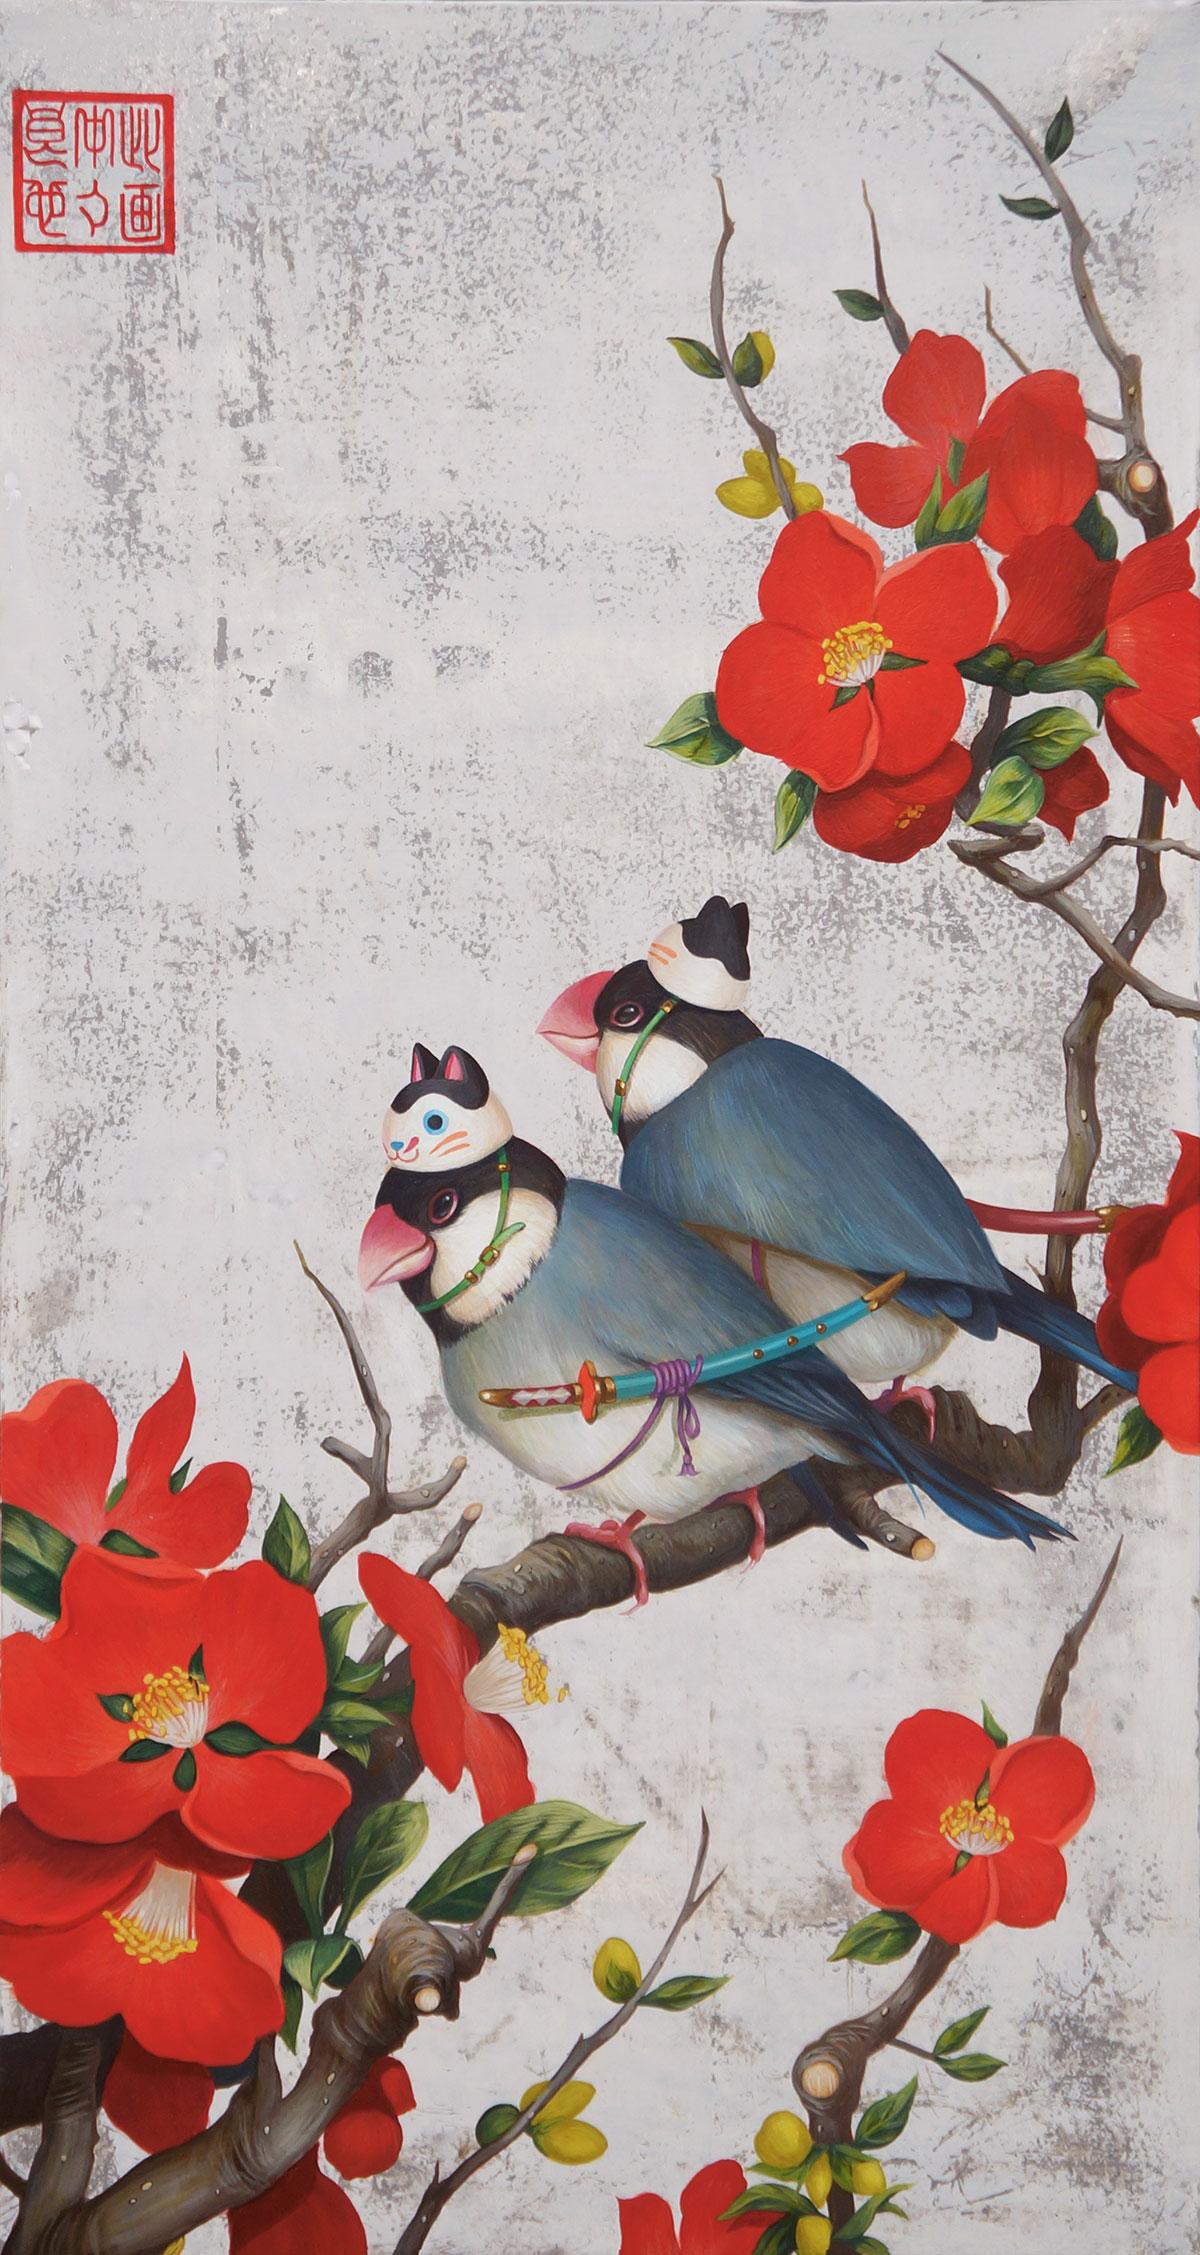 田中武 | 木瓜文鳥遊戯図